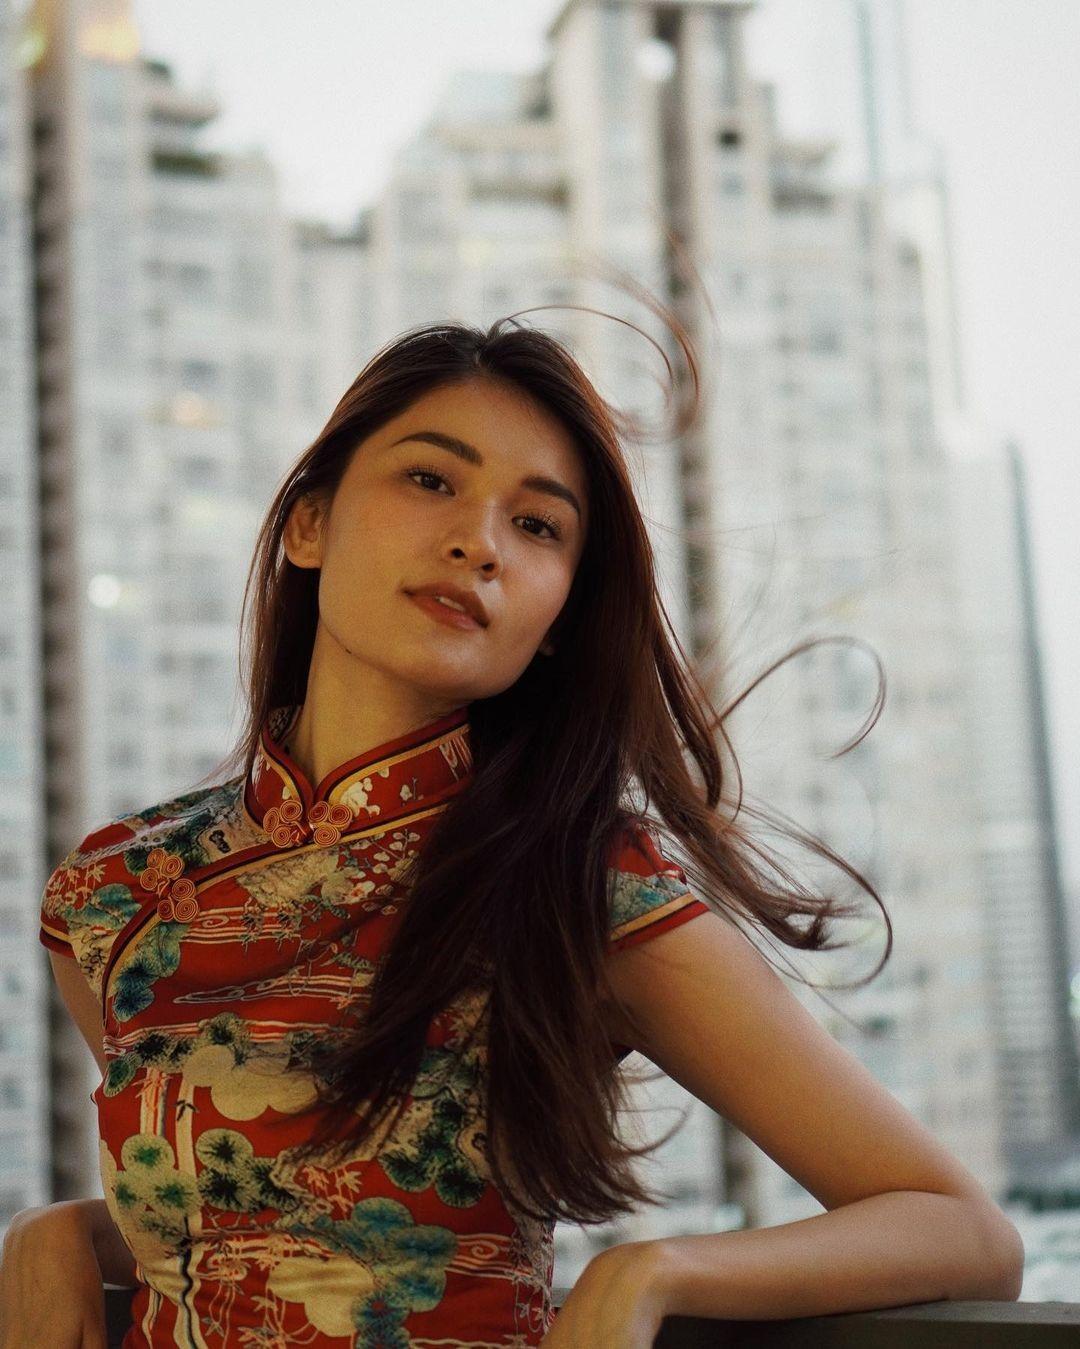 Minh Tú hoá 'nữ thần Cupid' nóng bỏng, Á hậu Phương Anh 'đốt mắt' fans với áo tắm quyến rũ ảnh 7